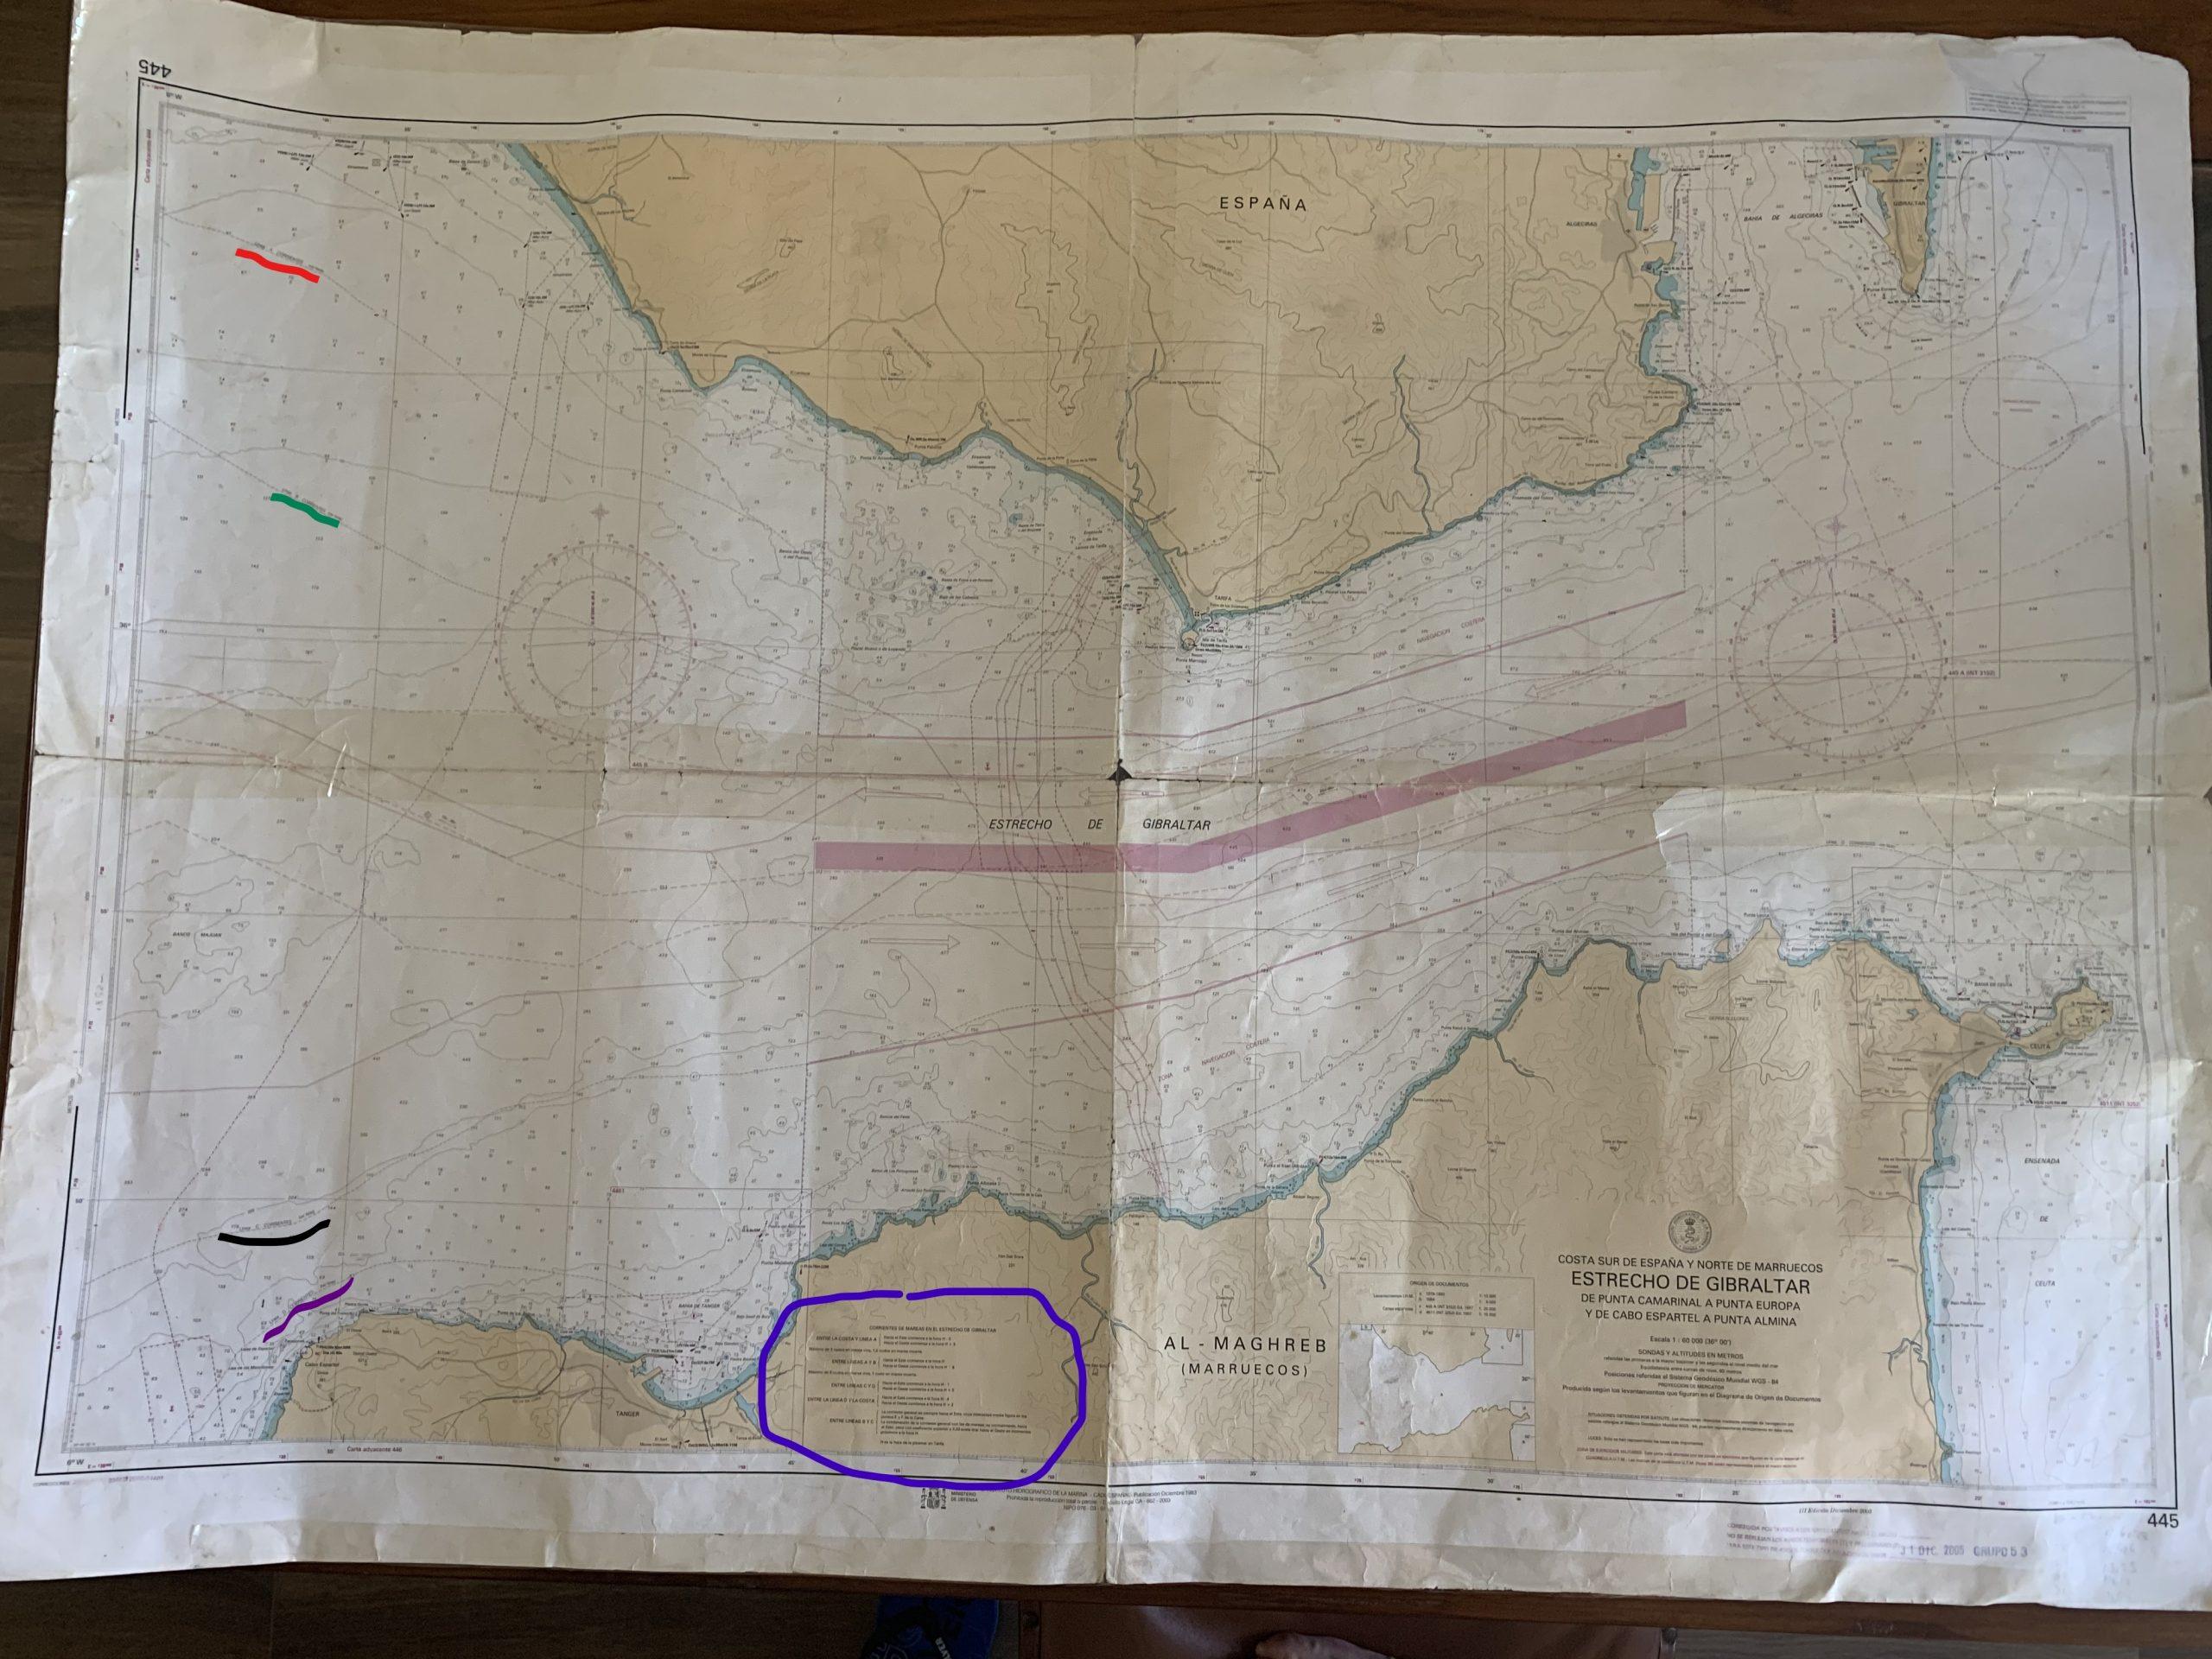 Carta 445 del Estrecho de Gibraltar, publicada por Instítuto Hidrográfico de la Marina en España.